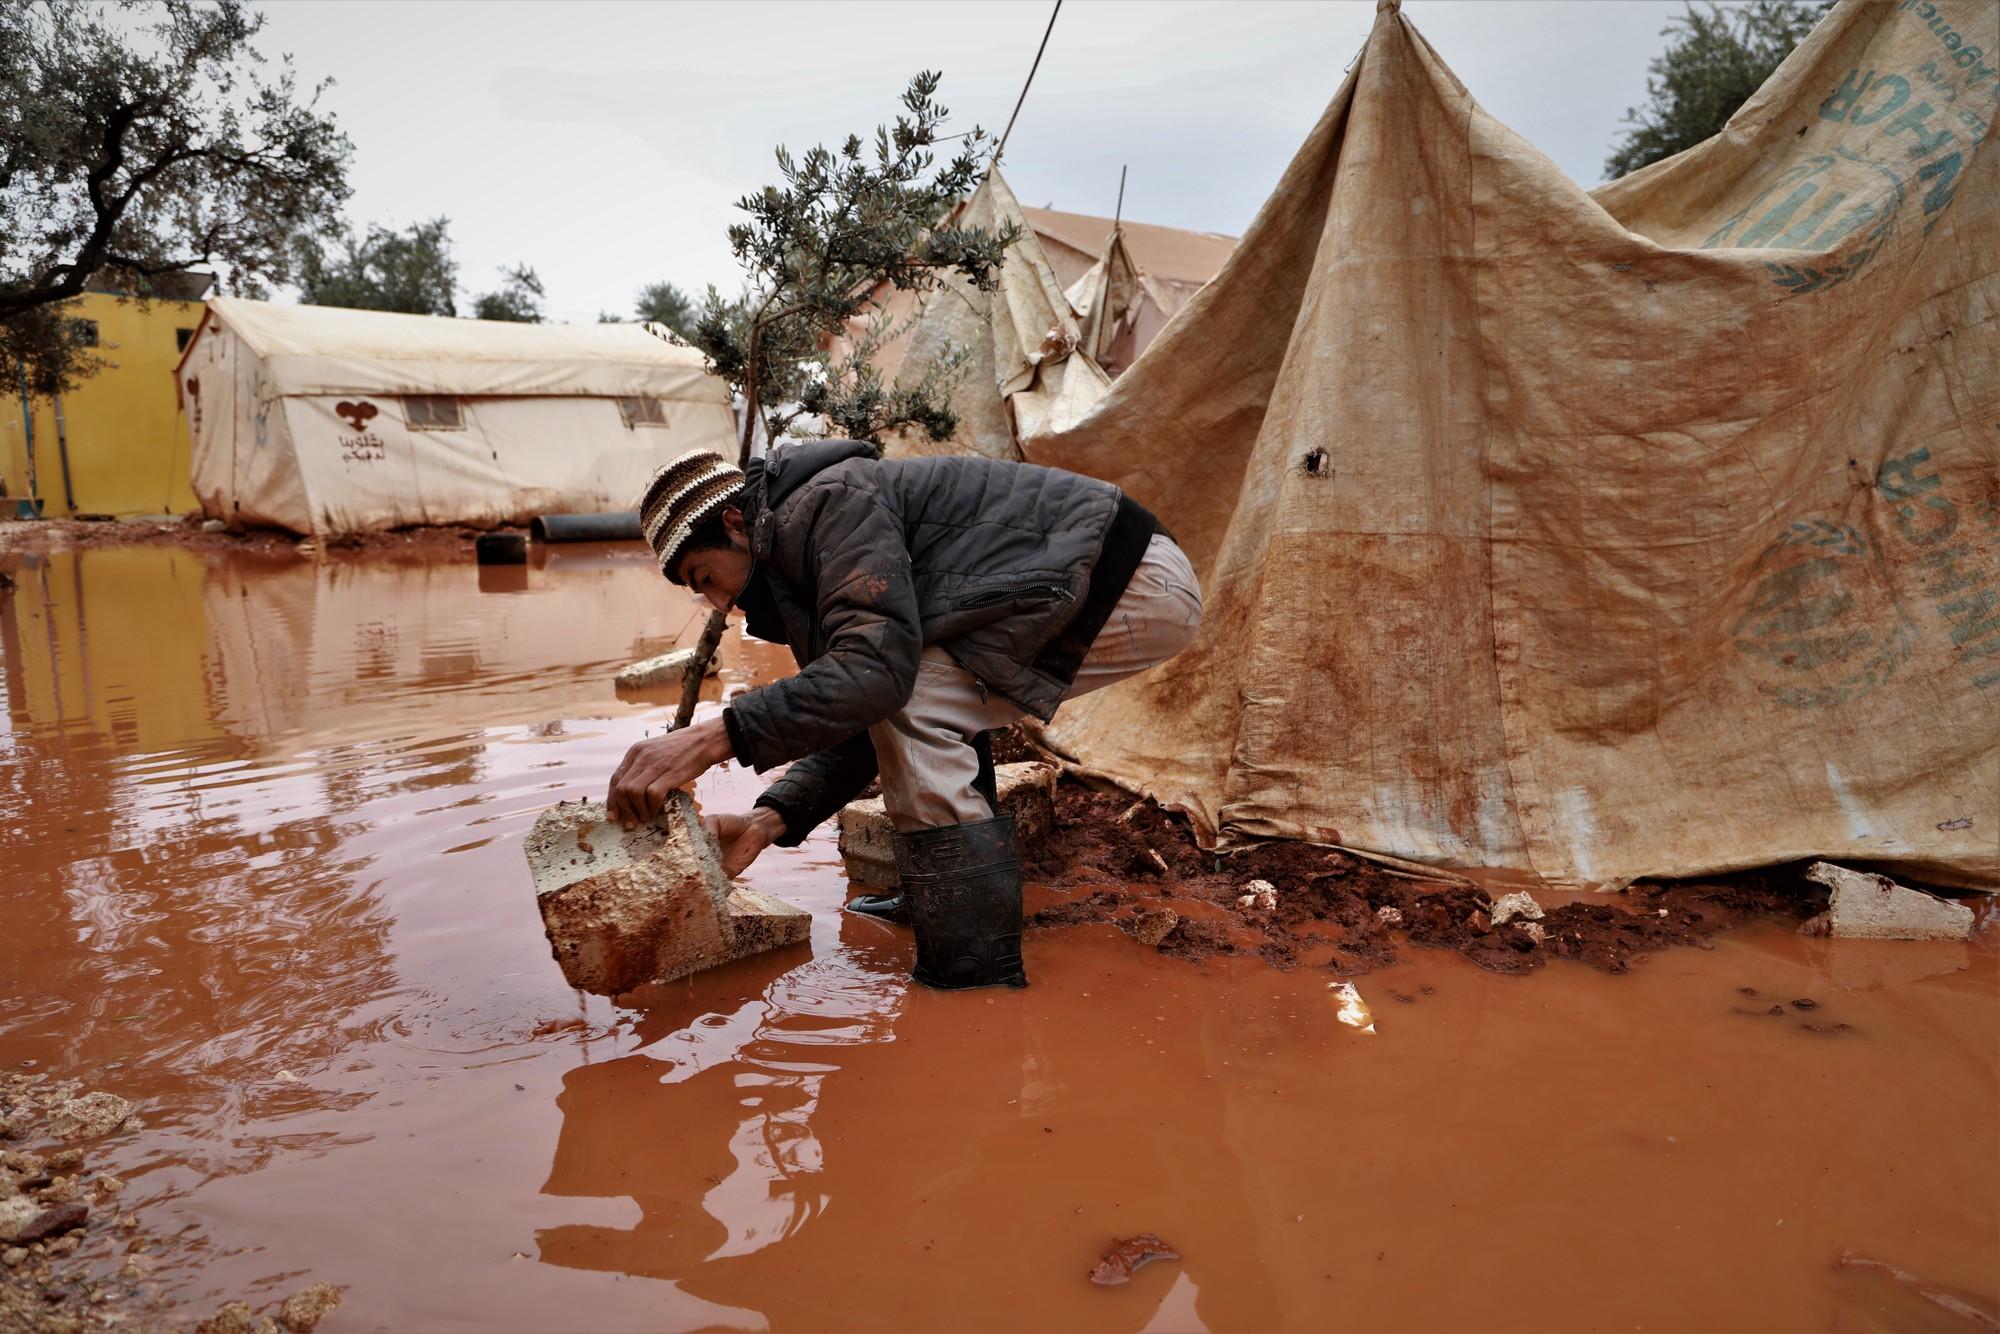 Um homem se abaixa do lado de fora de uma tenda inundada em um acampamento.